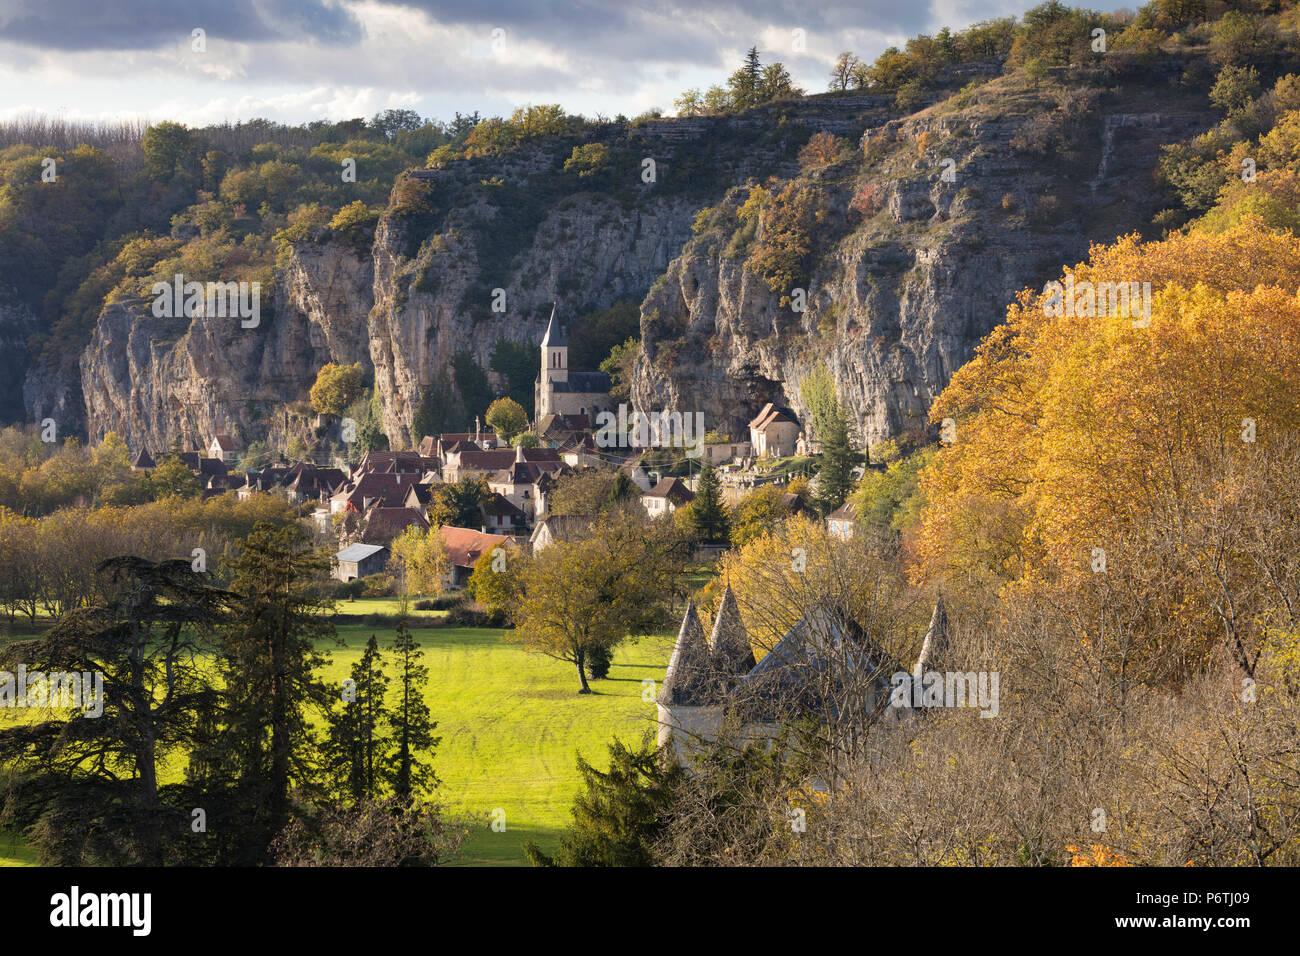 Village de Gluges en automne, Lot, Midi-Pyrénées, France Photo Stock